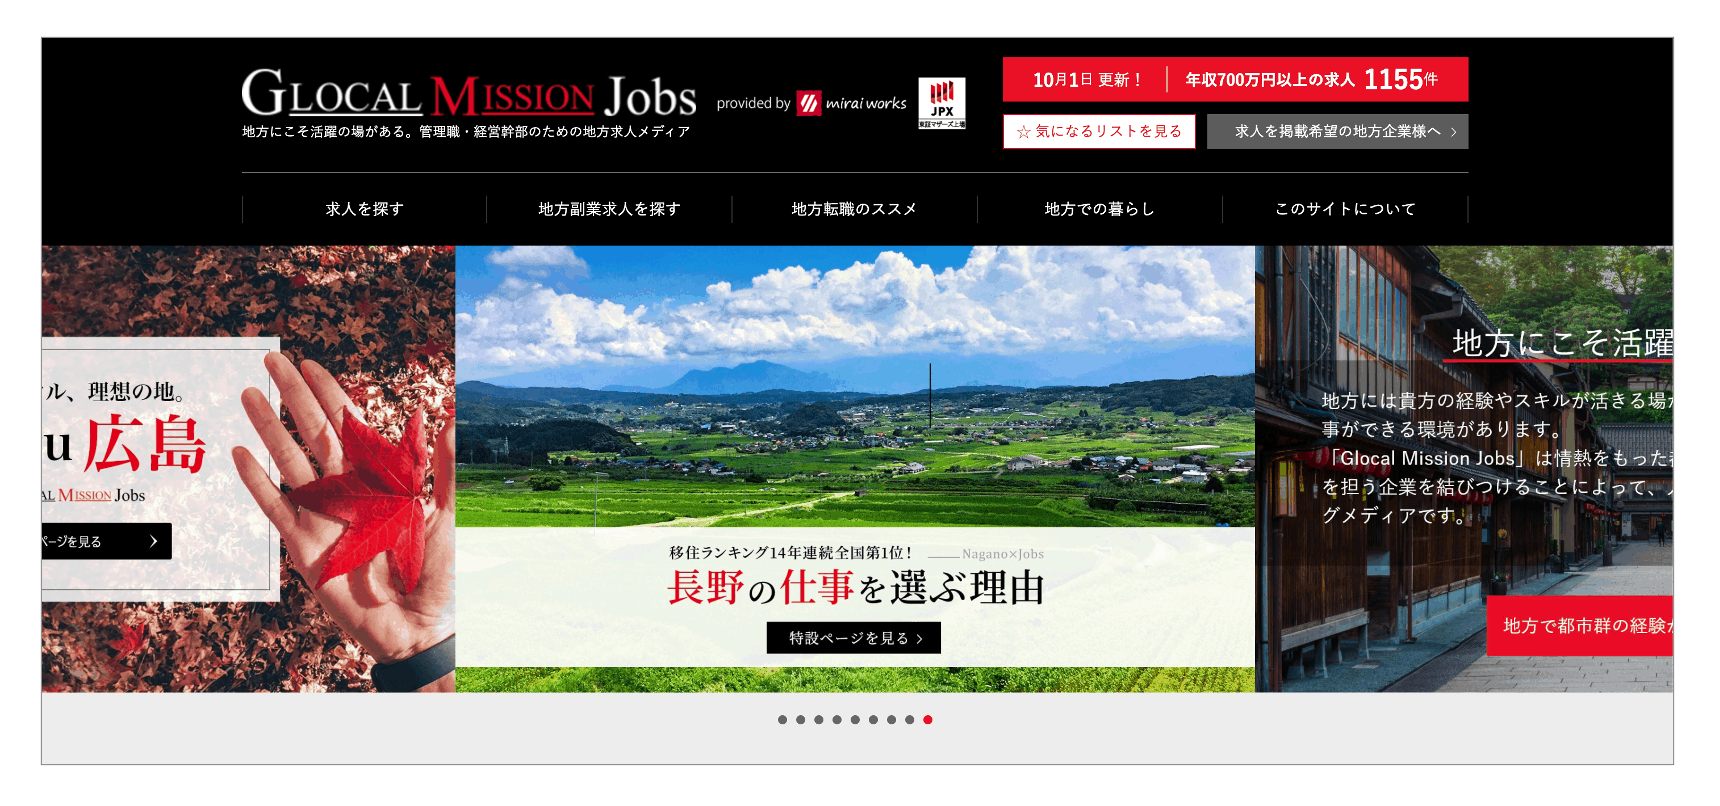 おすすめの転職サイト「GLOCAL MISSION Jobs」